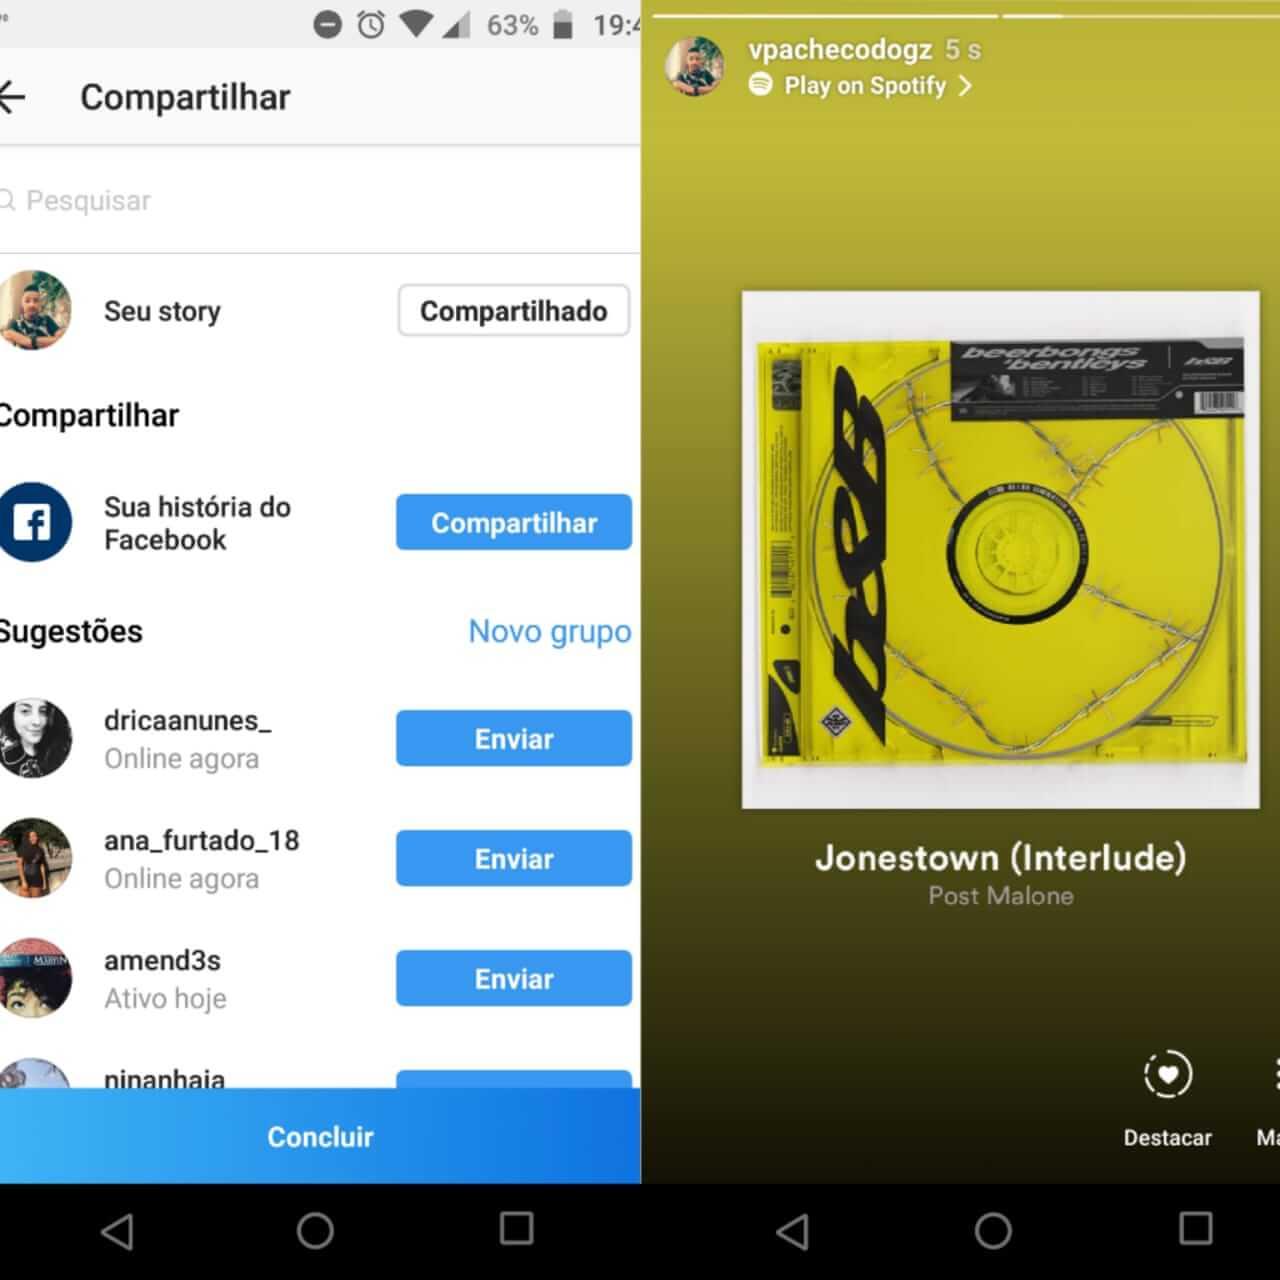 WhatsApp Image 2018 05 21 at 19.48.34 - Como compartilhar músicas do Spotify no Instagram